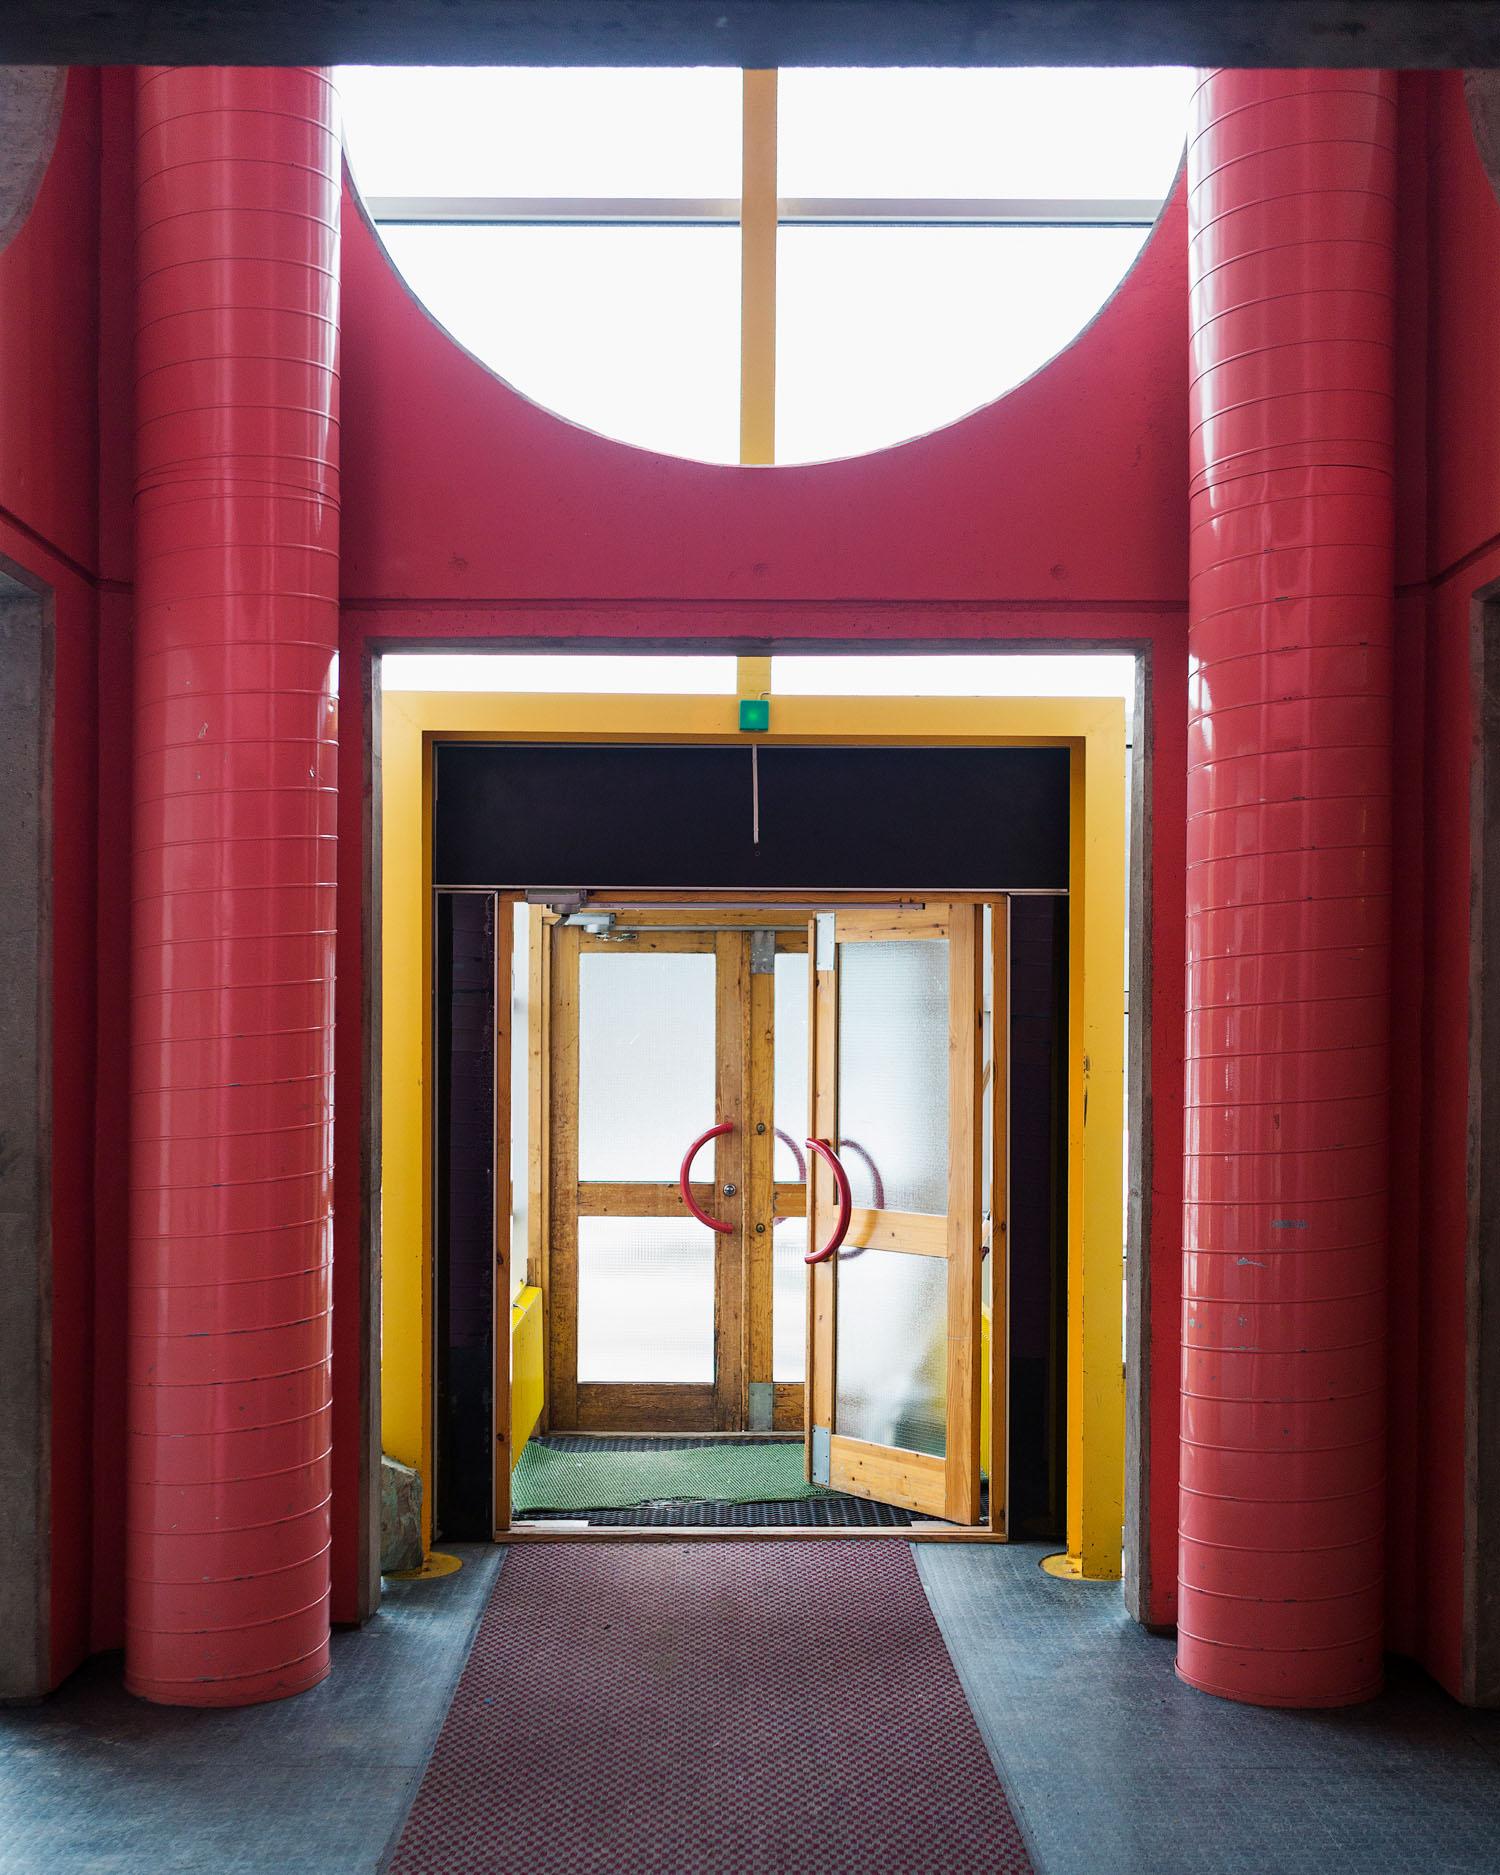 Kautokeino public library  Kautokeino, Finnmark